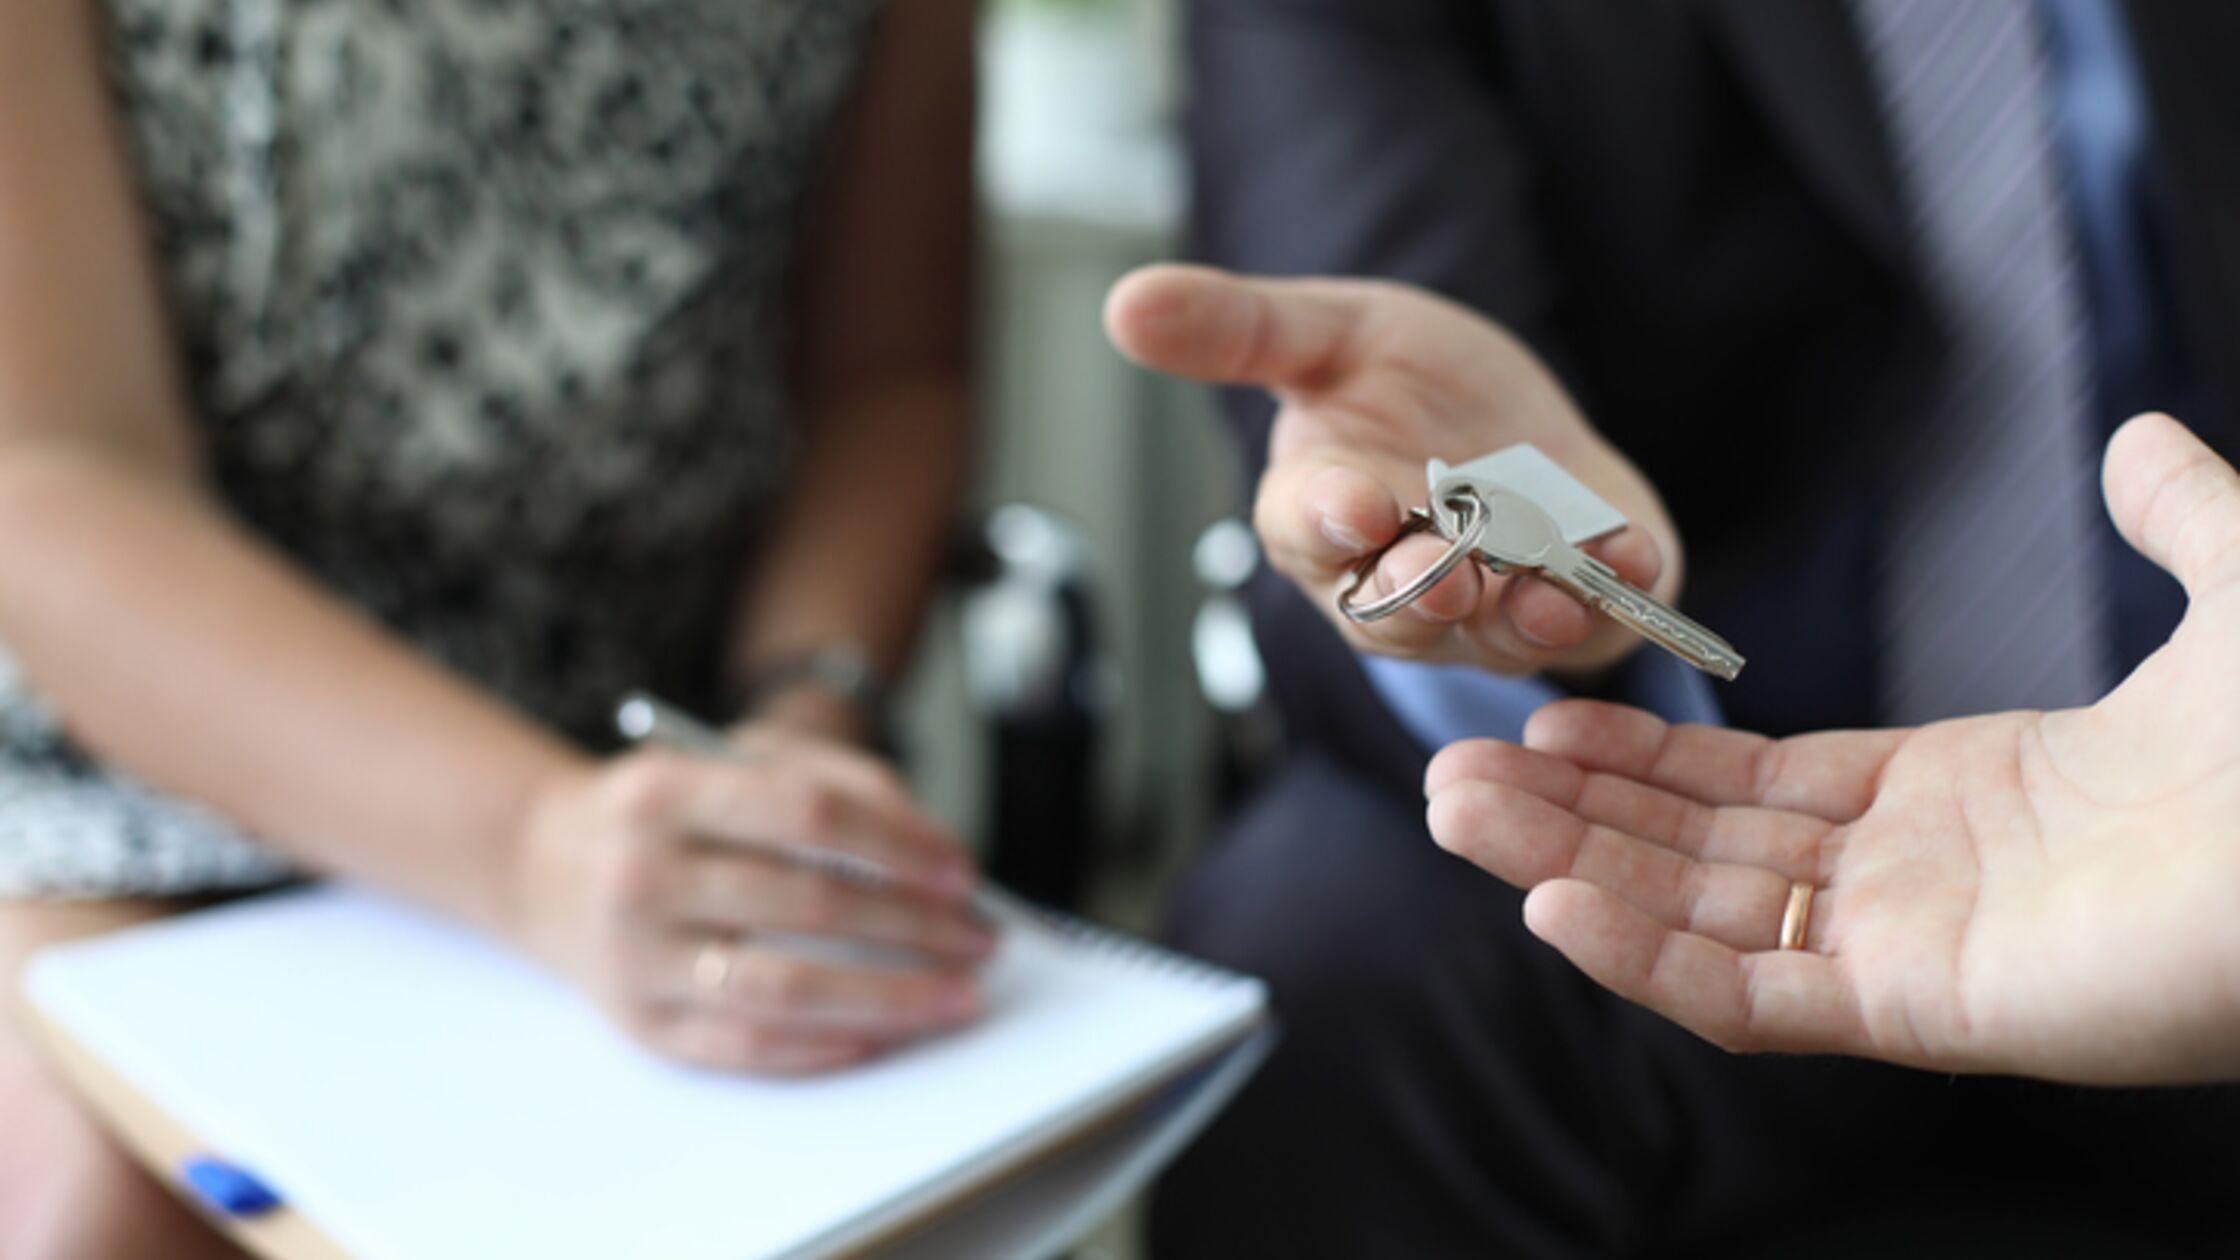 Wohnung zur Untermiete: Was muss ich beachten?